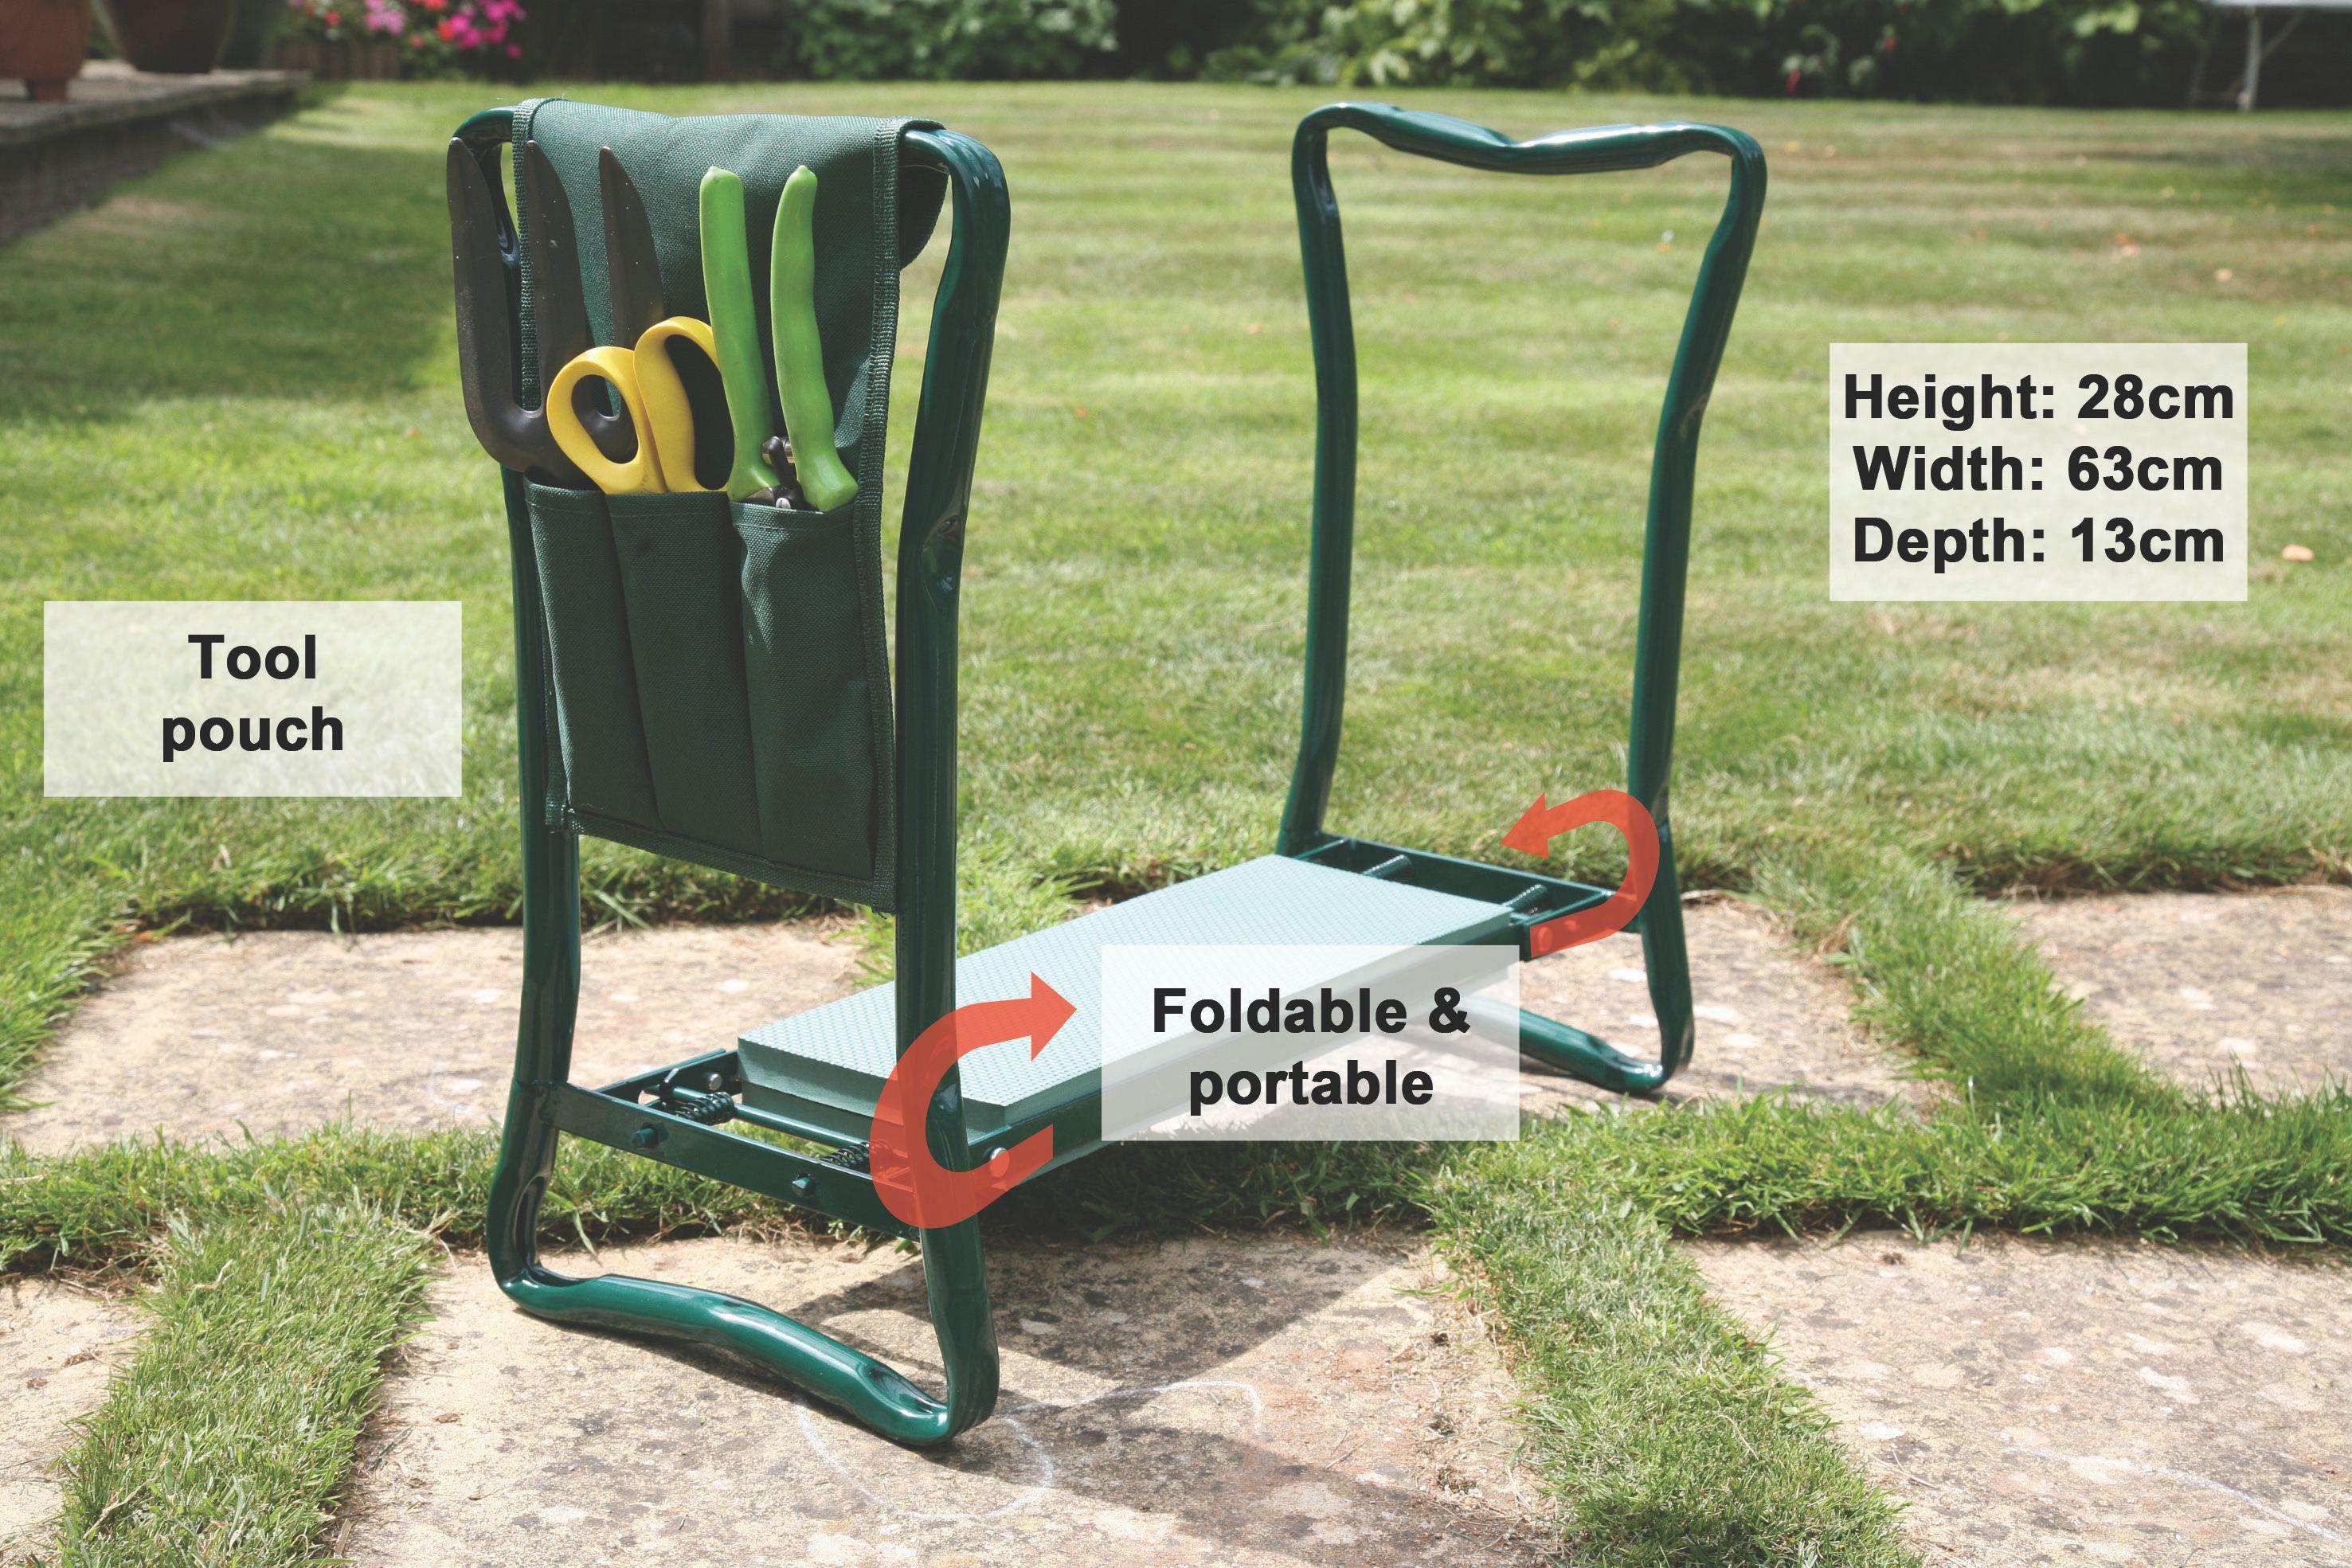 Folding Garden Stool Portable Kneeler Tool Holder Padded